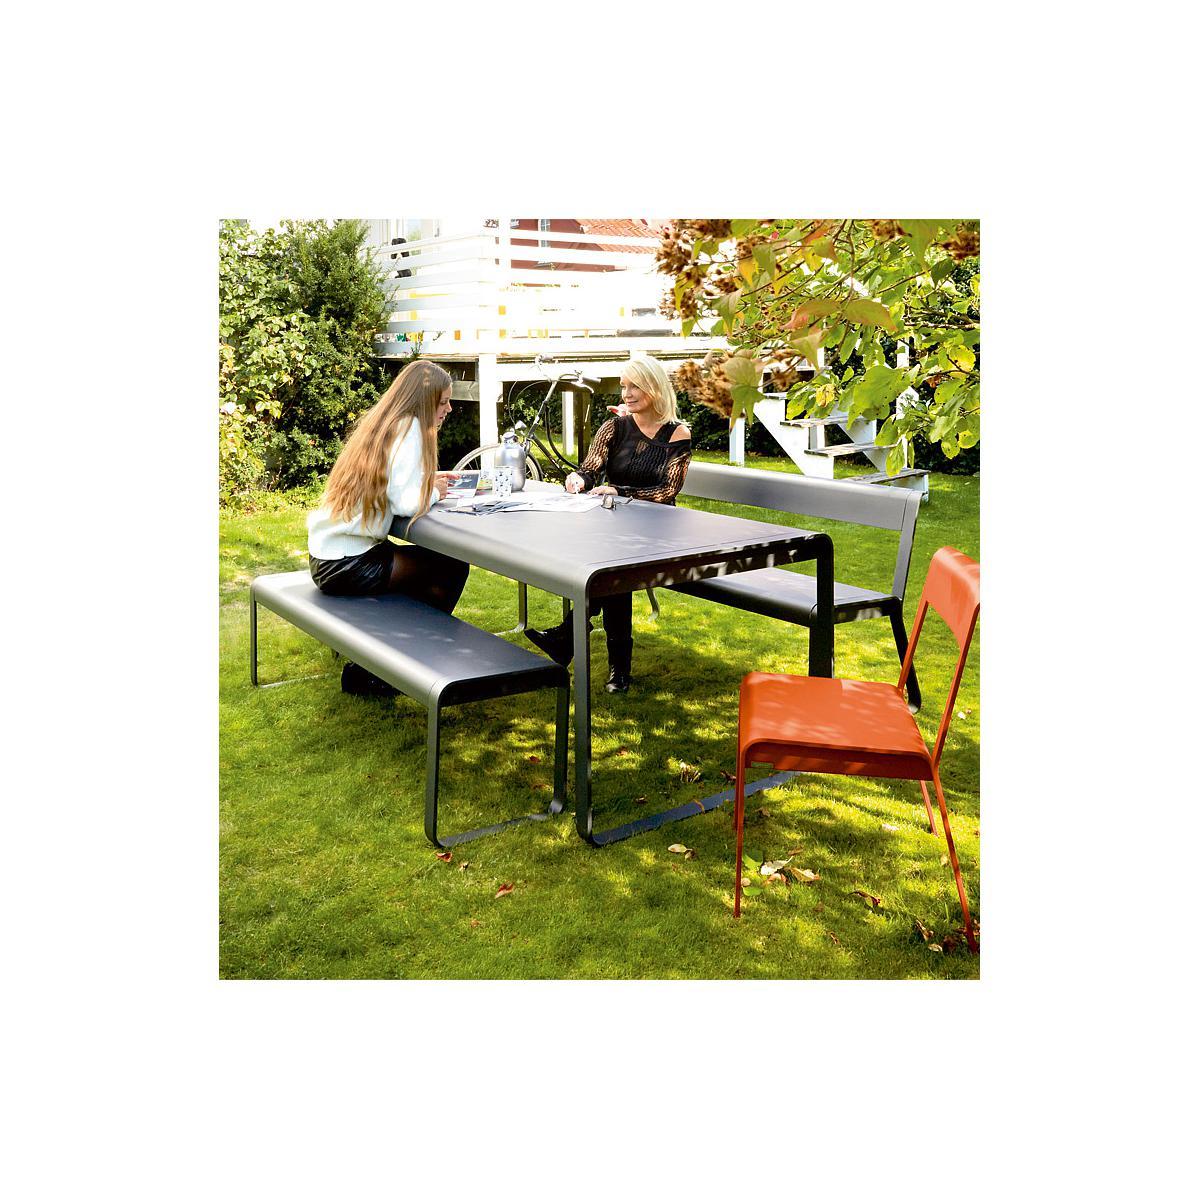 Table de jardin BELLEVIE Fermob réglisse